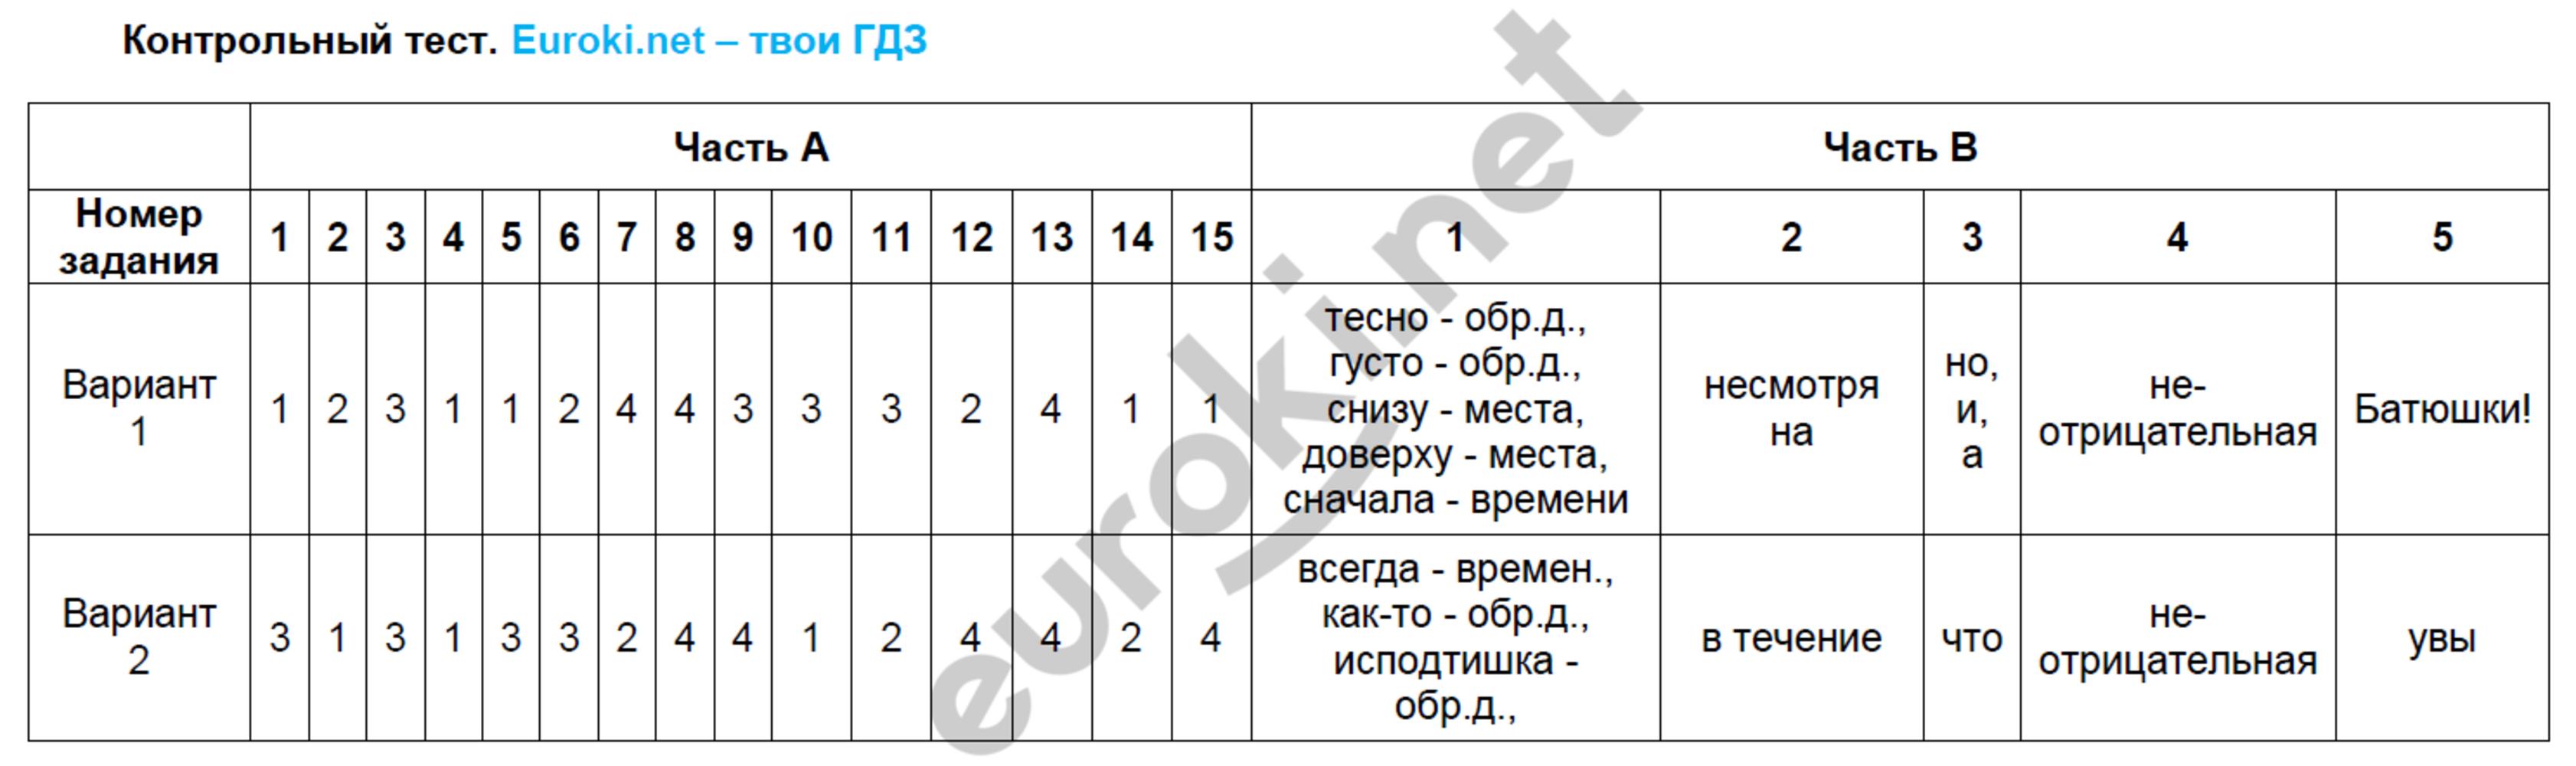 ГДЗ по русскому языку 7 класс тесты Груздева, Разумовская Экзамен ответы и решения онлайн. Задание: 17. Контрольный тест